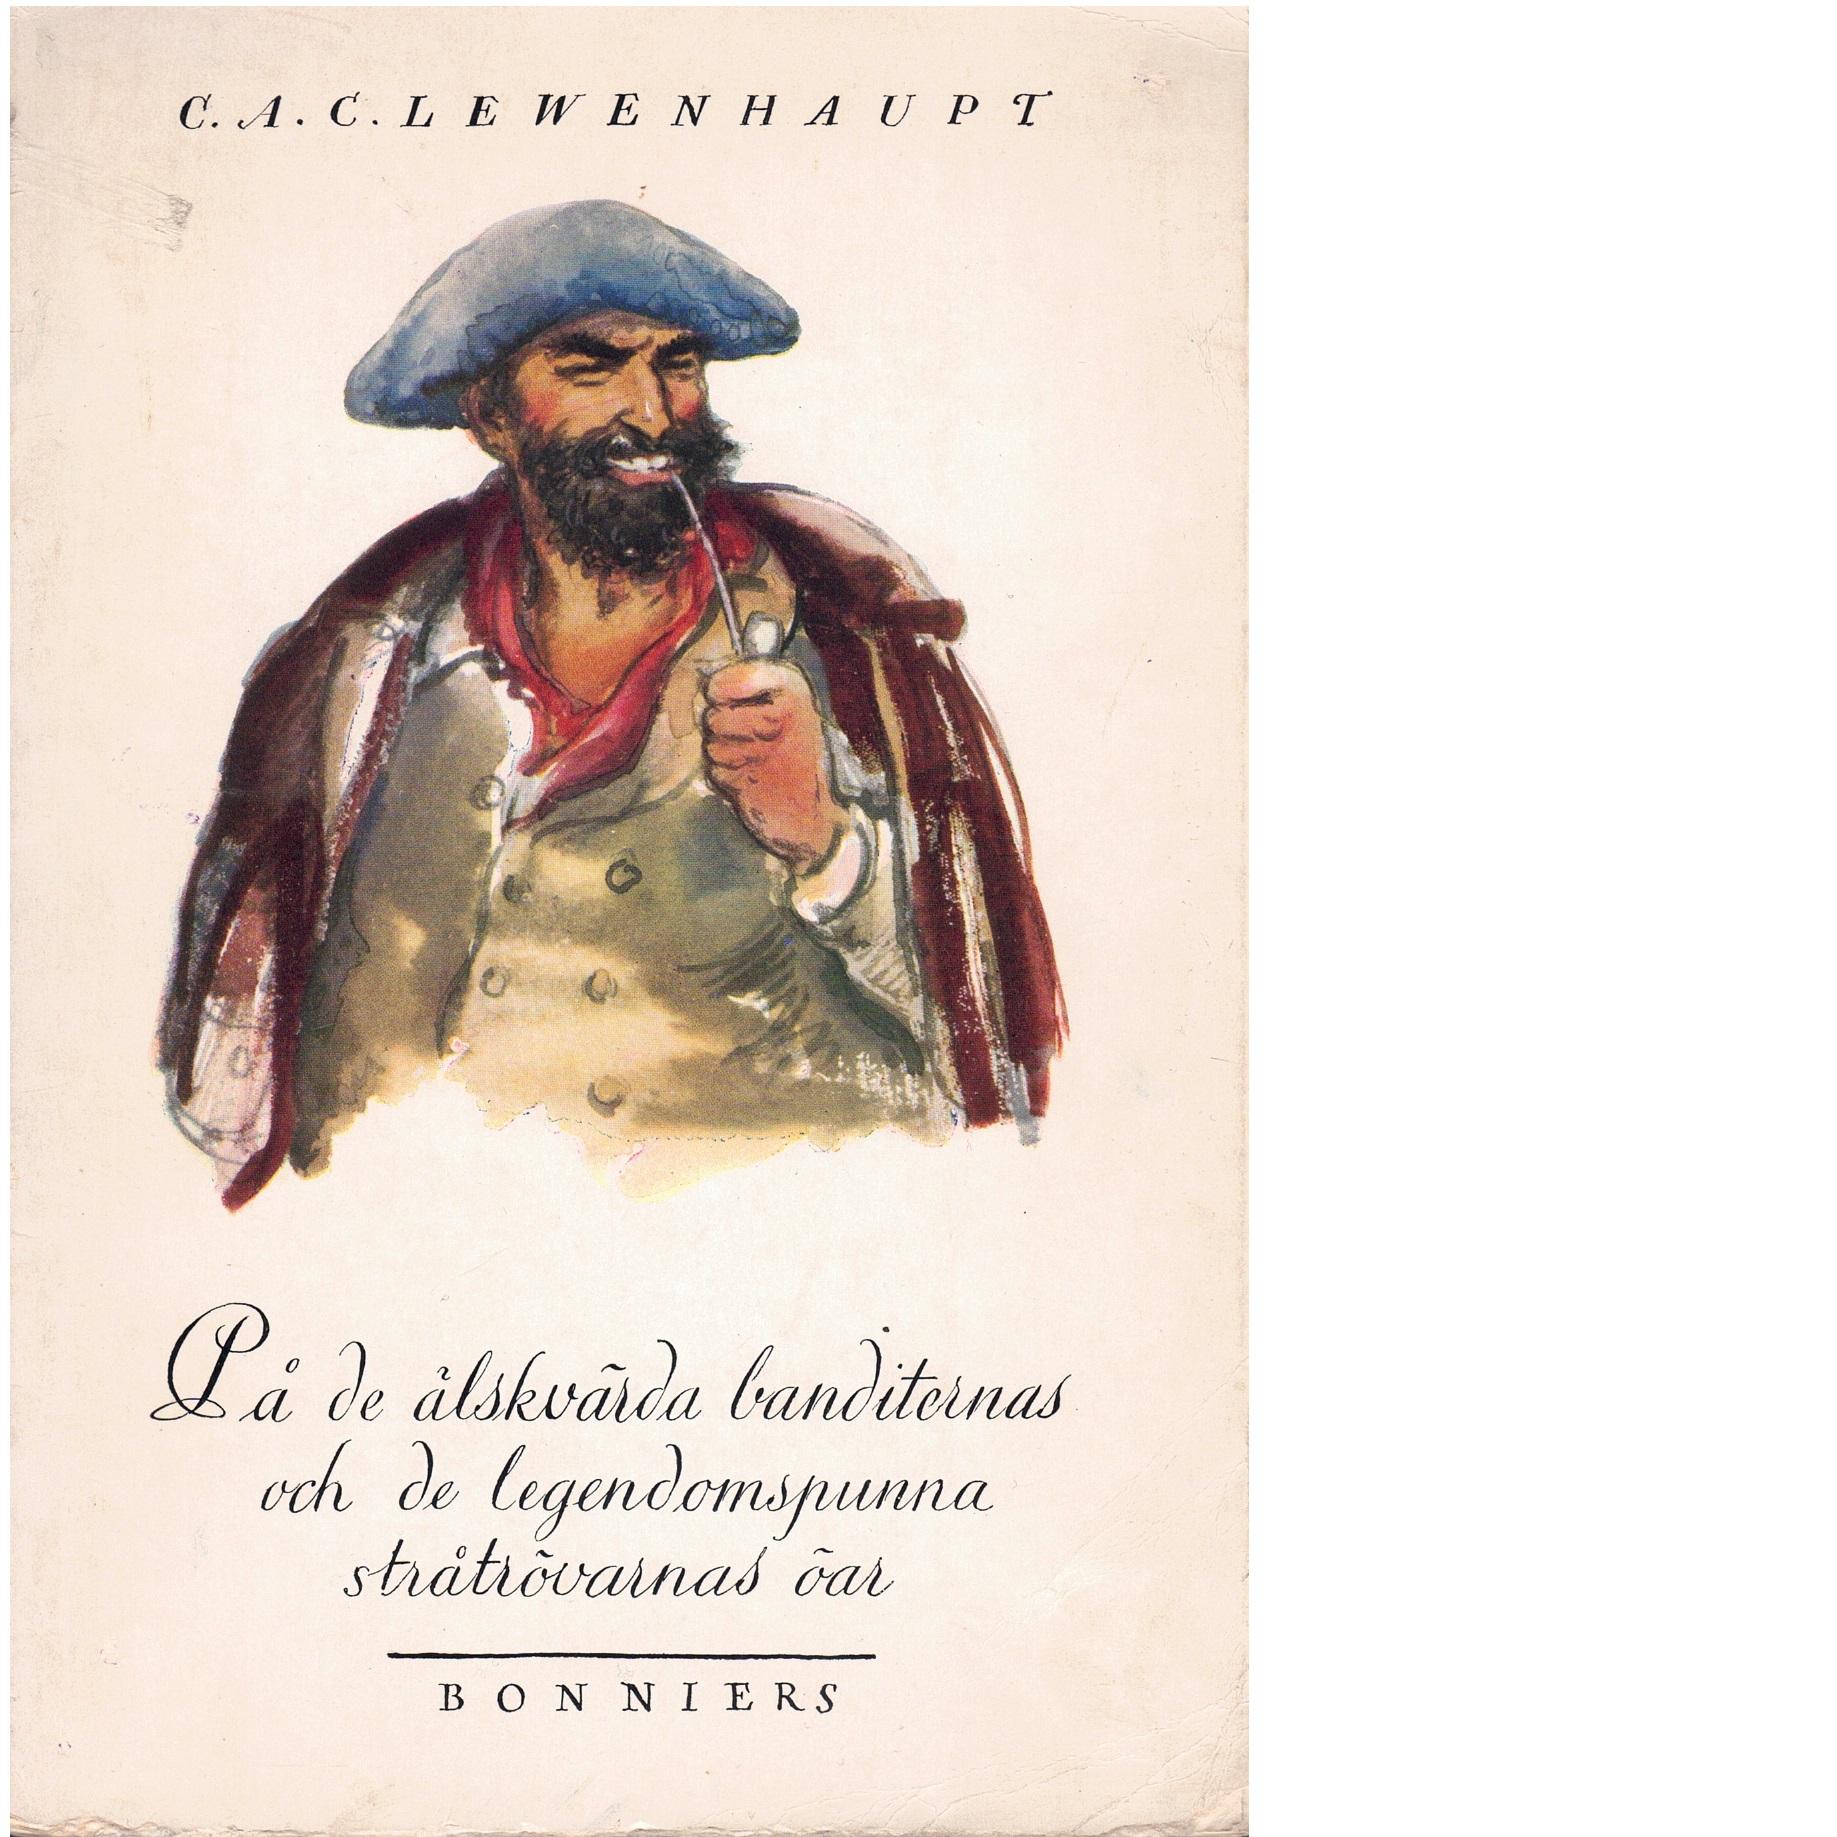 På de älskvärda banditernas och de legendomspunna stråtrövarnas öar. - Lewenhaupt, Claes Adam Carl